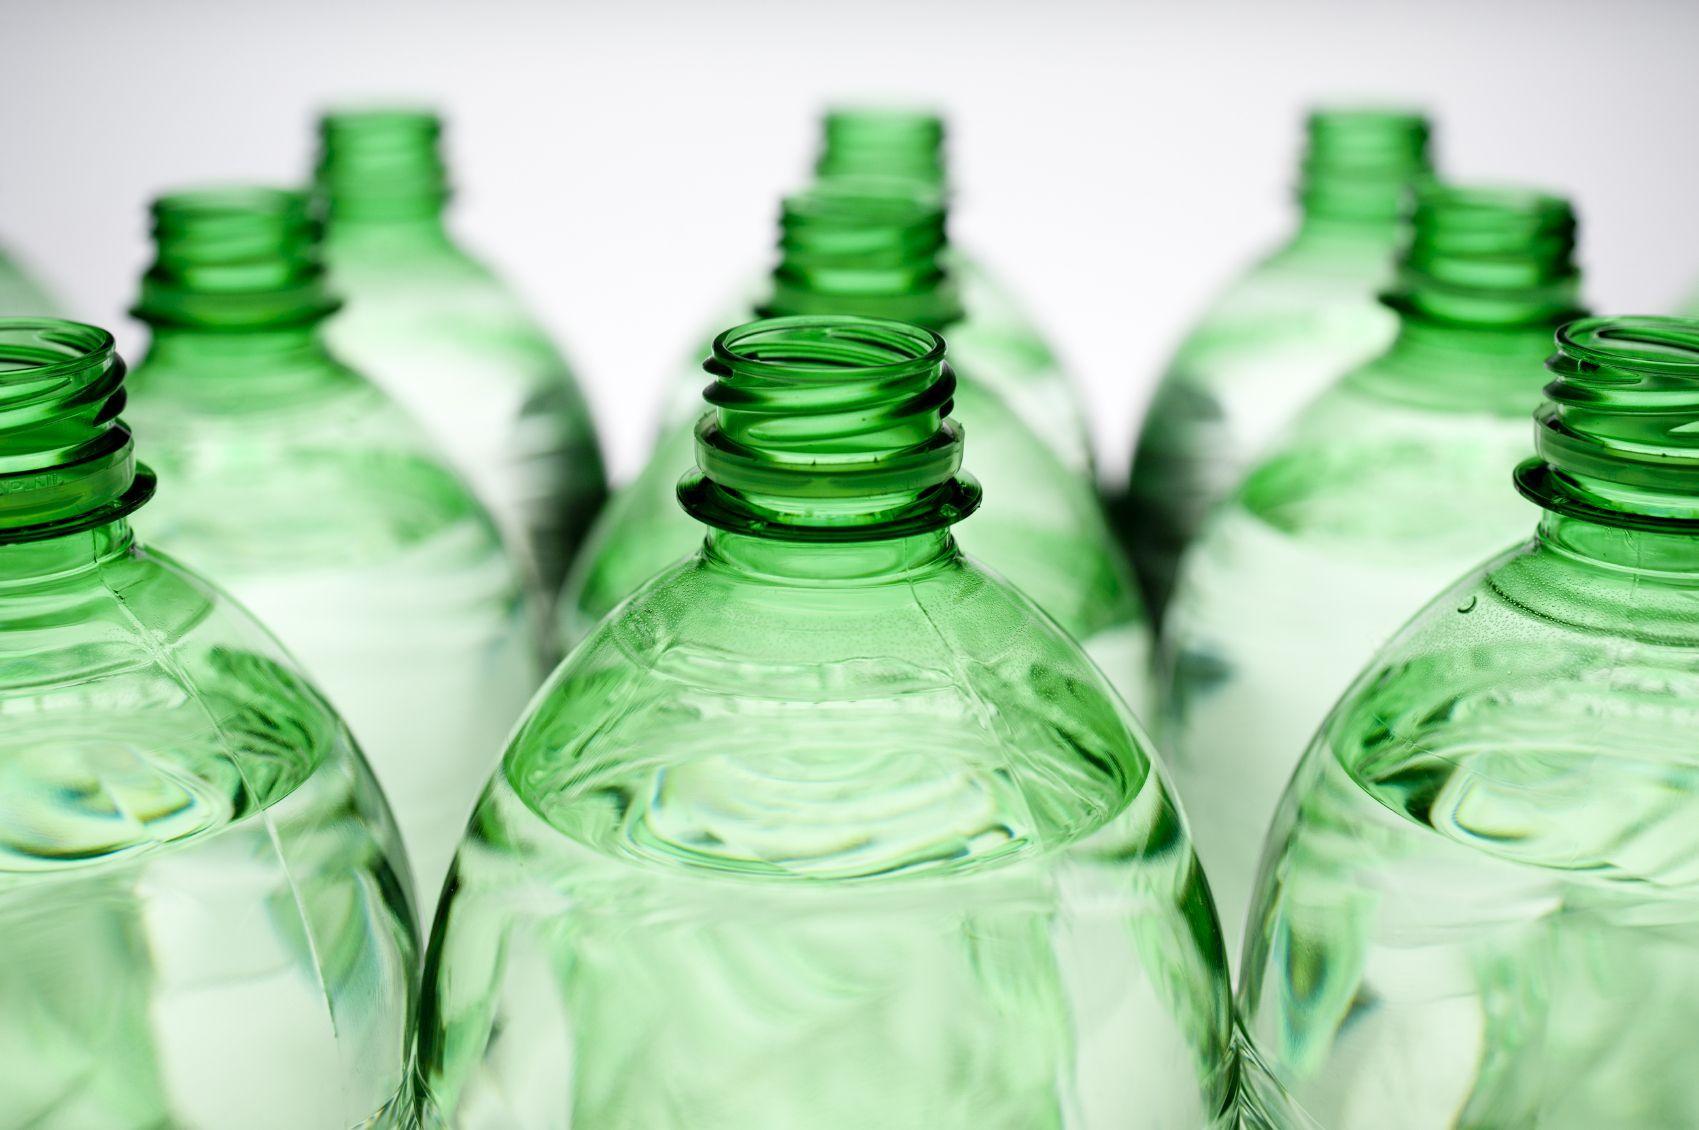 Kreative Ideen Mit Pet Flaschen